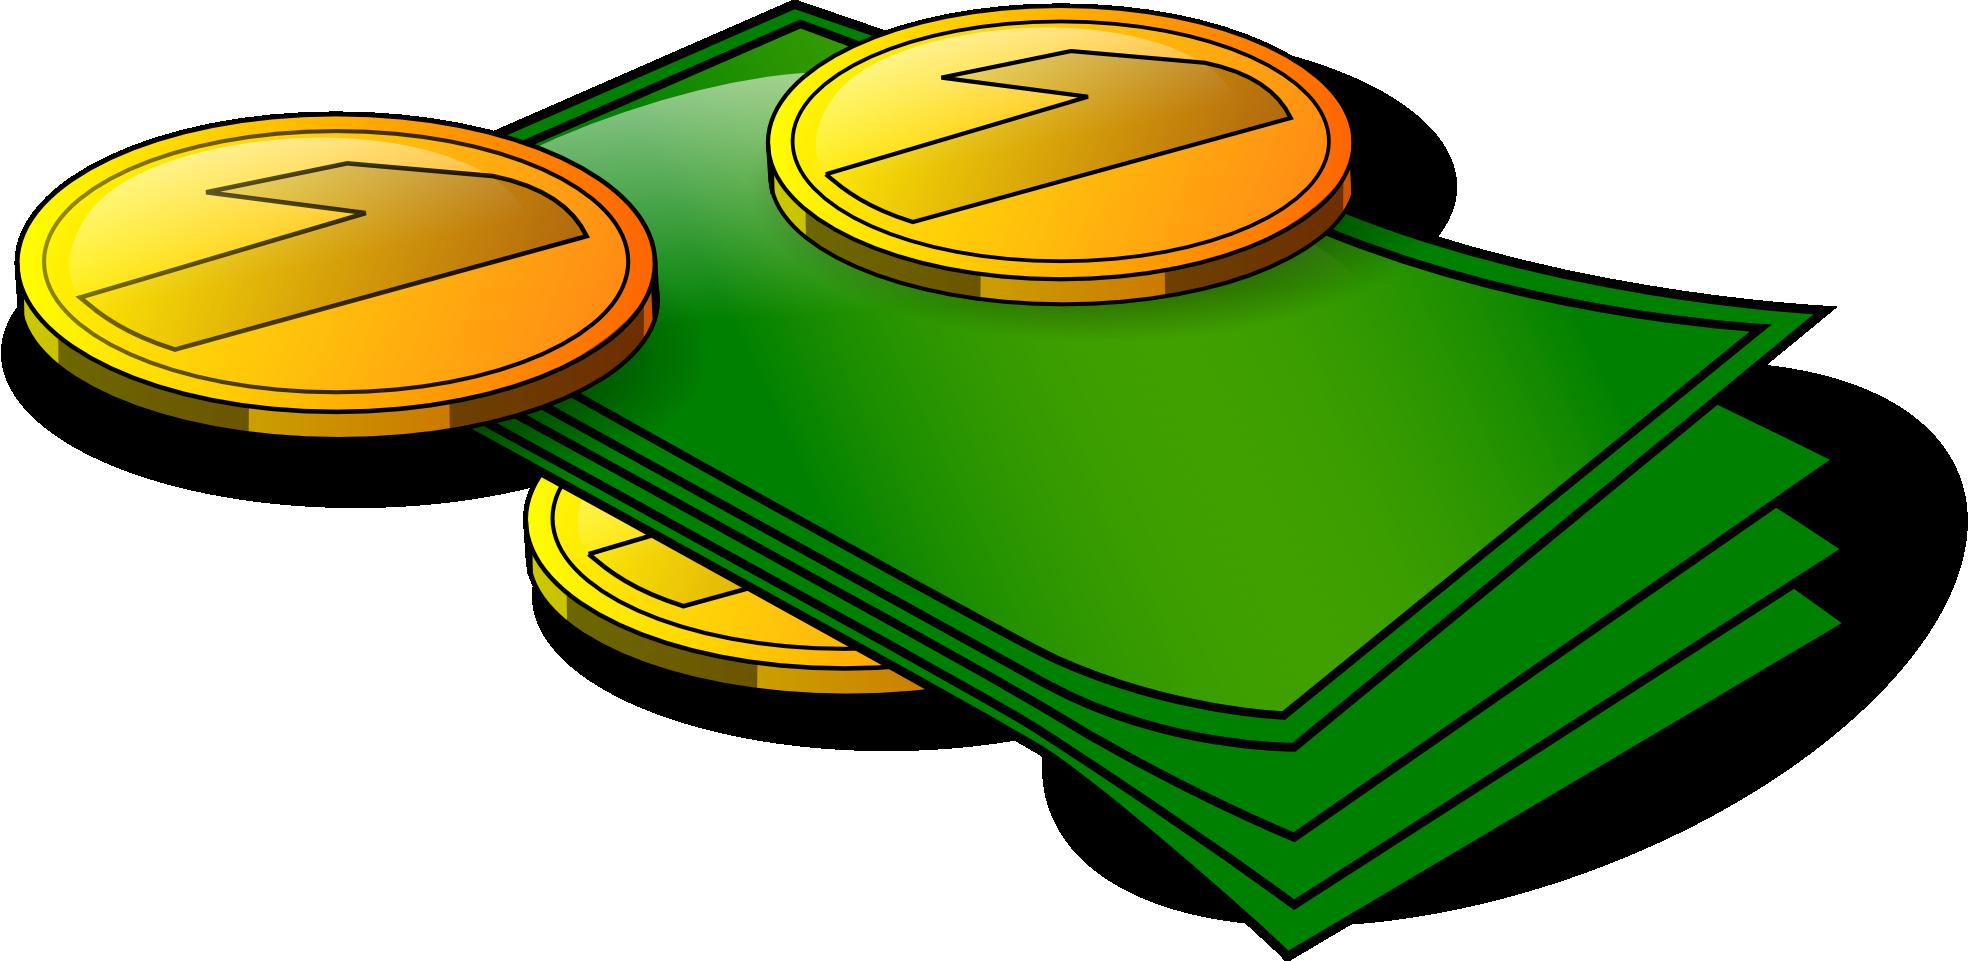 Money Clipart-Money clipart-5